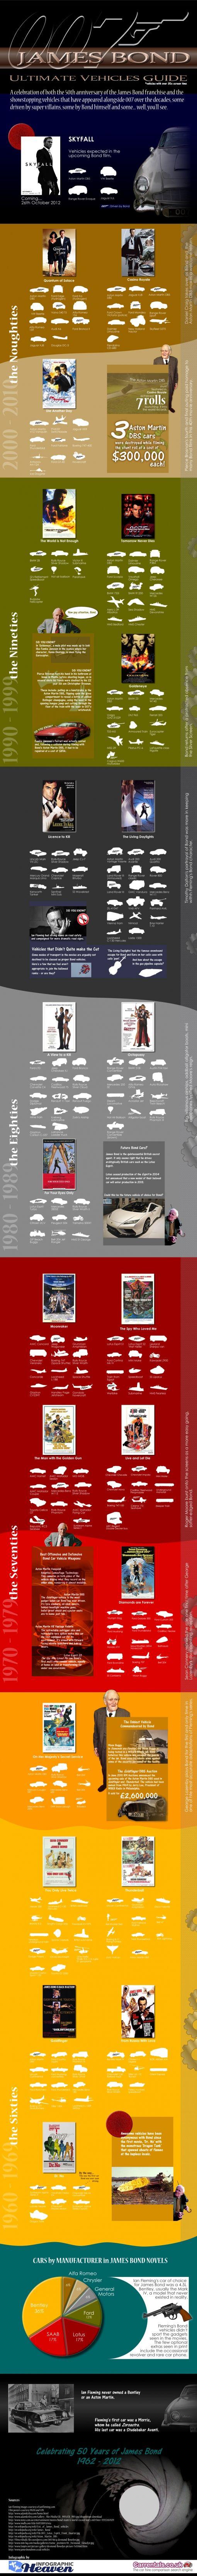 James_Bond_autos